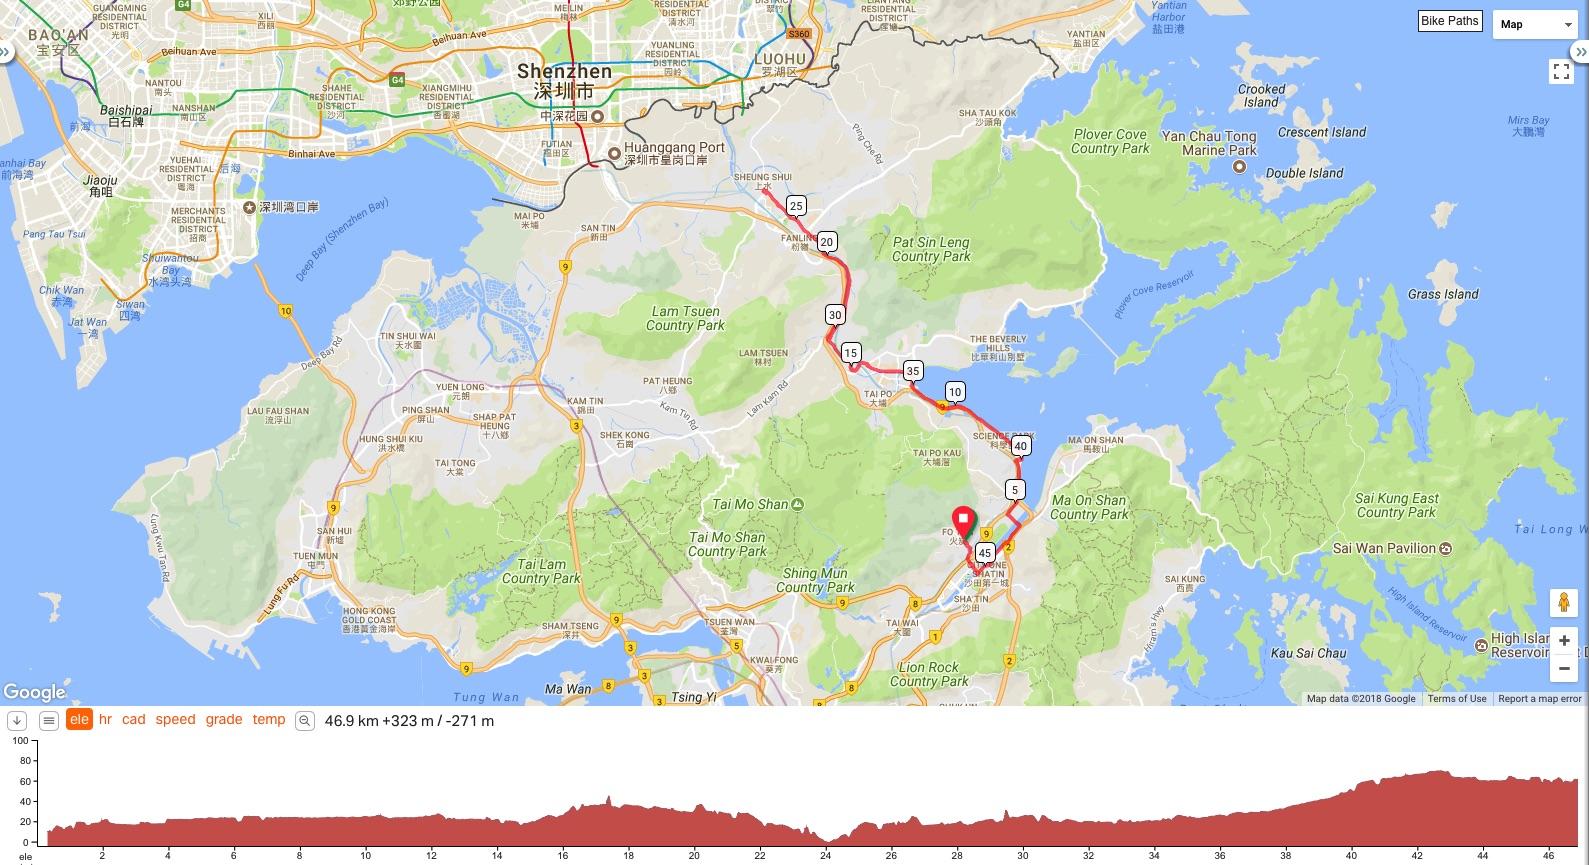 Cycling Route from FoTan to Sheung Shui